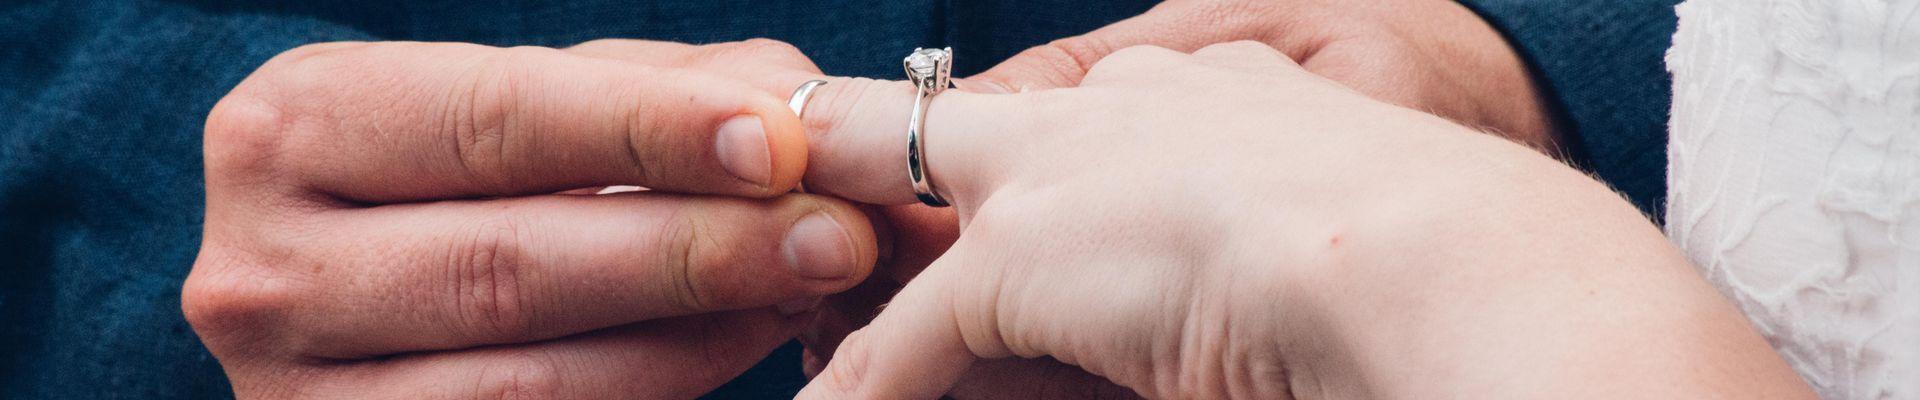 Juwelier, Ehering, Hochzeitsring, wedding ring